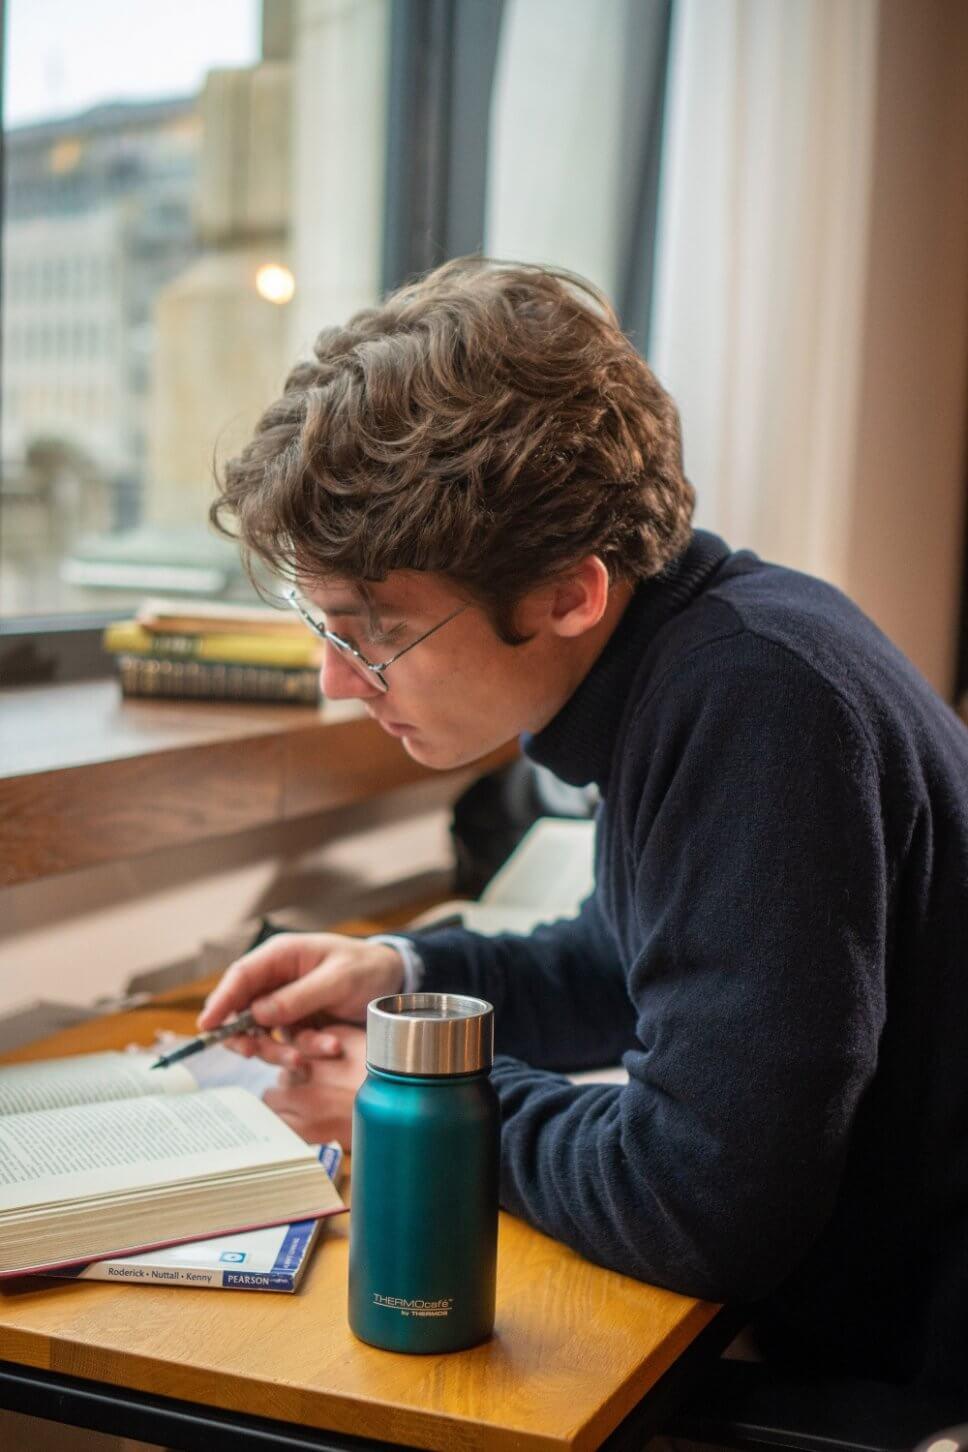 Junger Mann sitzt am Schreibtisch, darauf ein Thermosbecher